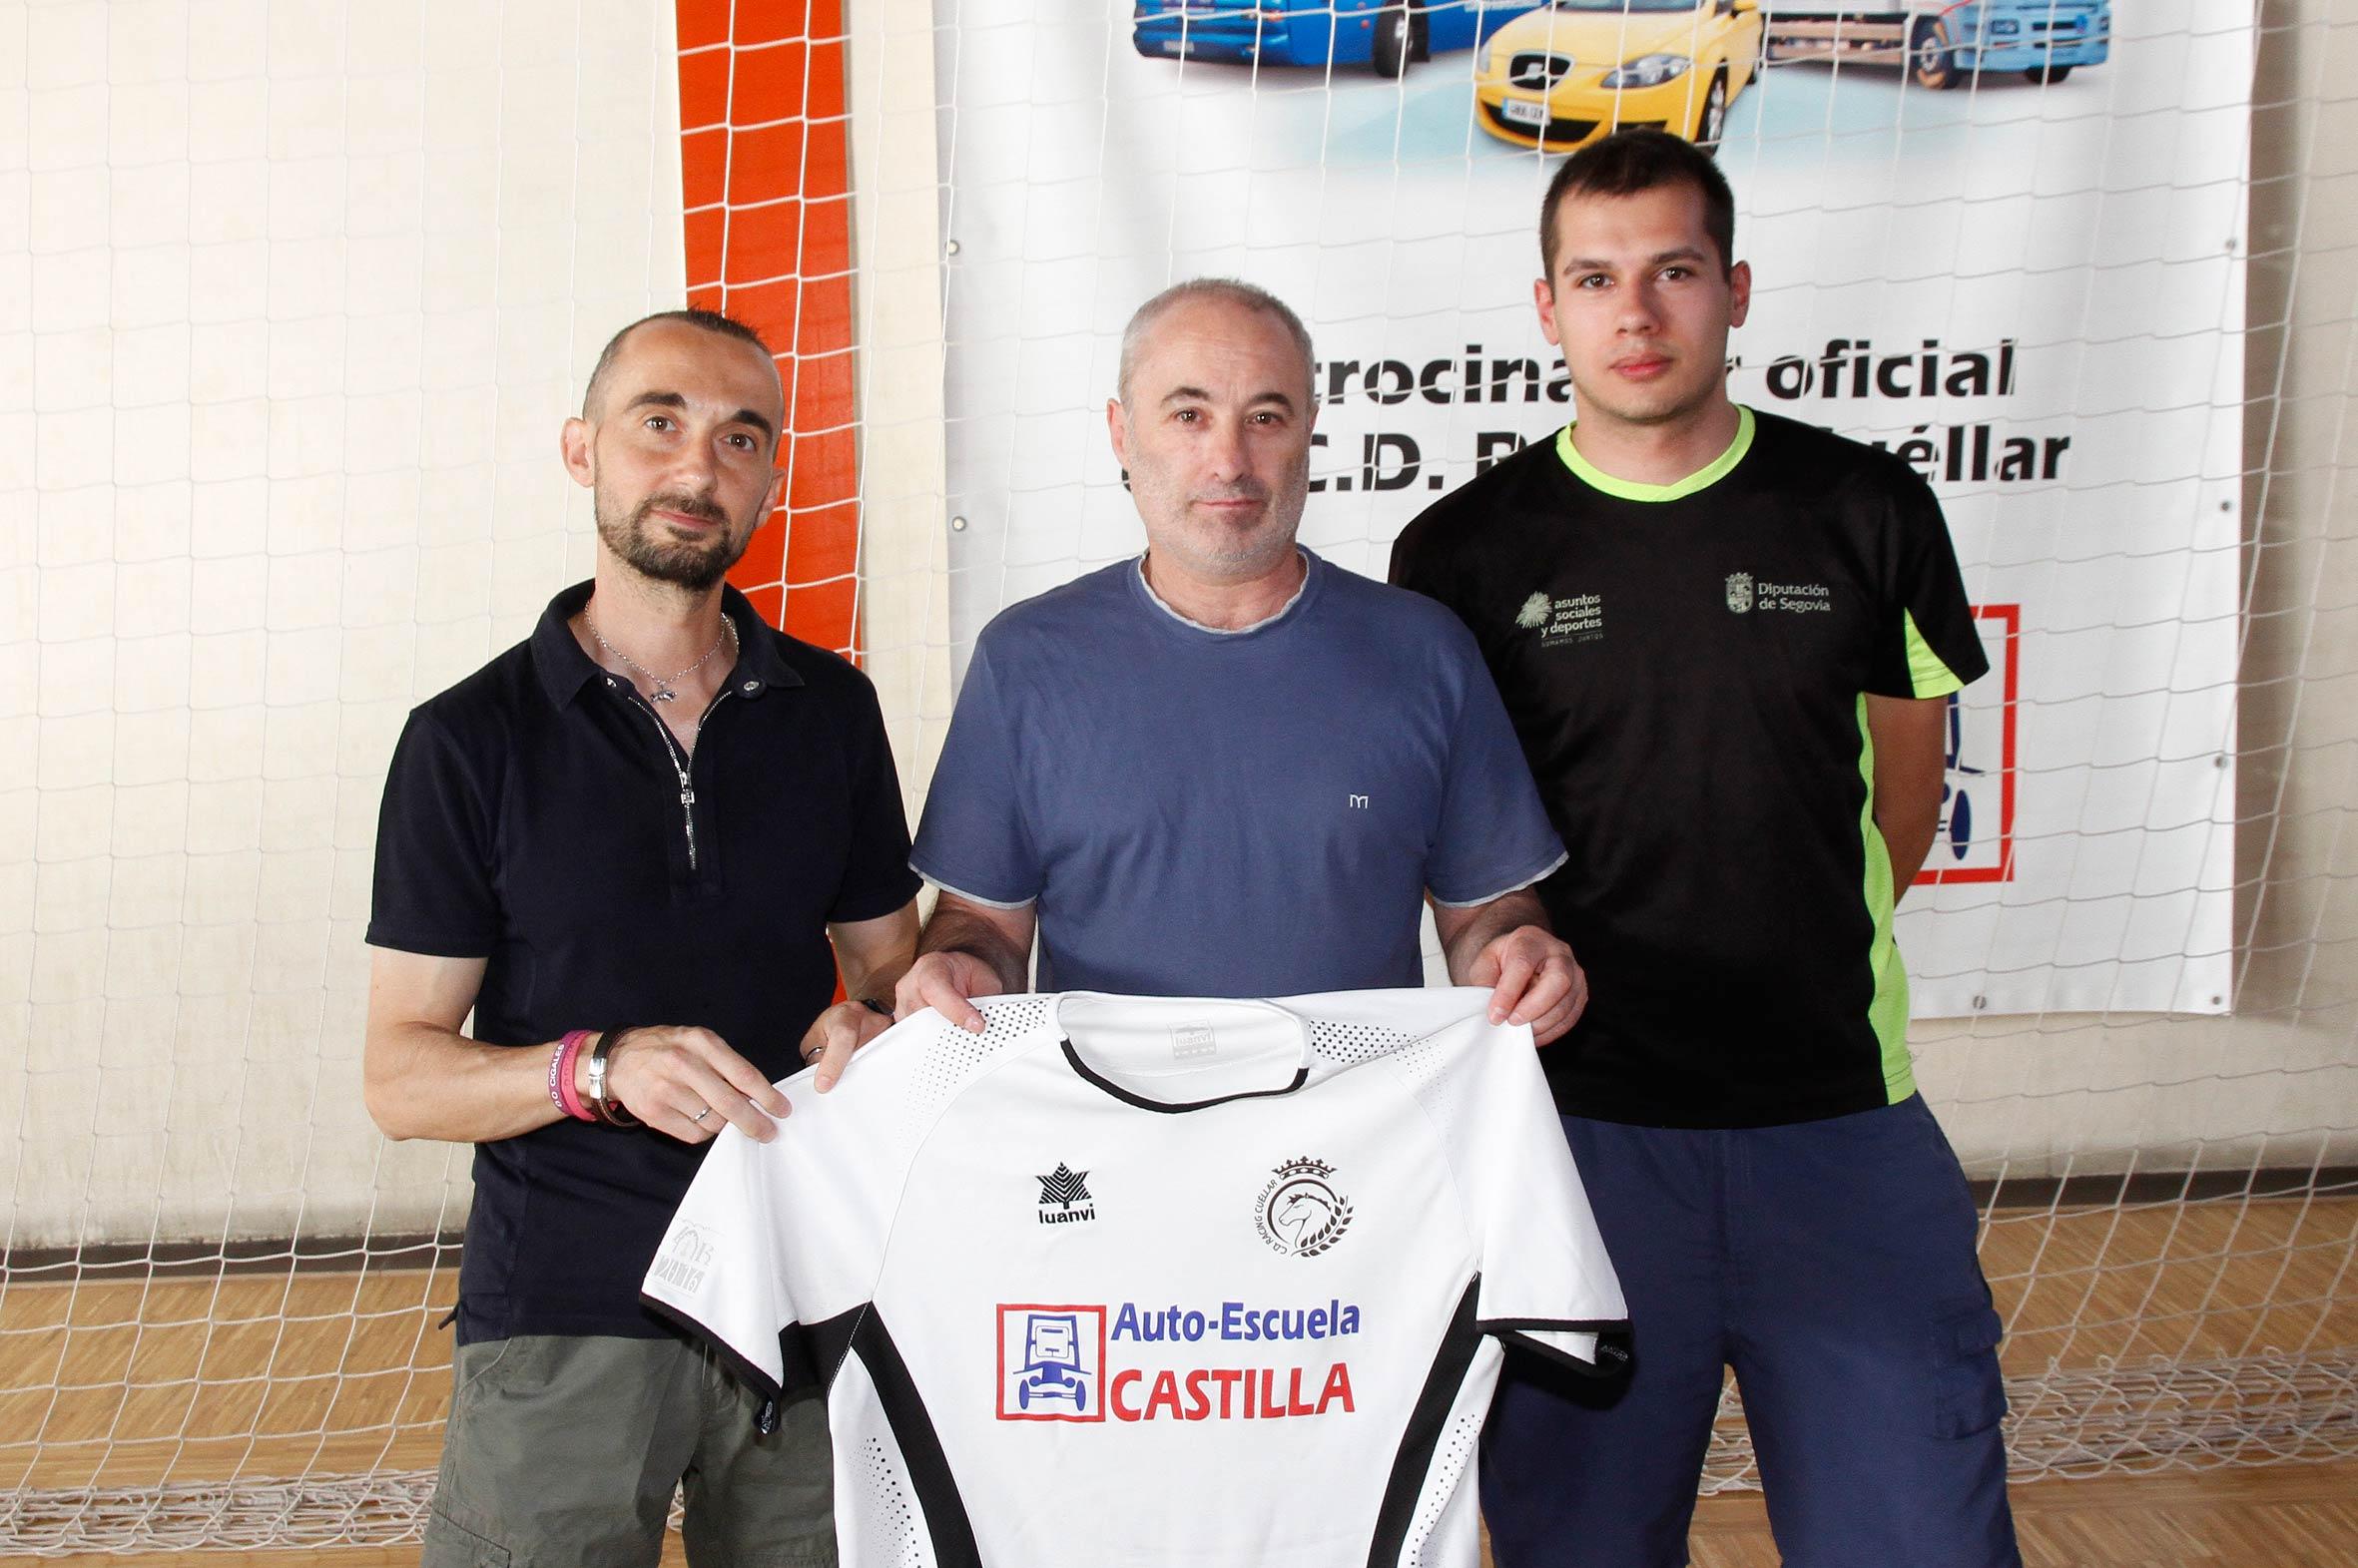 Luis Martín (centro) e Iván Martín (dcha) posan junto al presidente del Racing Cuéllar, Jesús Ferreiro, con la camiseta oficial. | Foto: Gabriel Gómez |